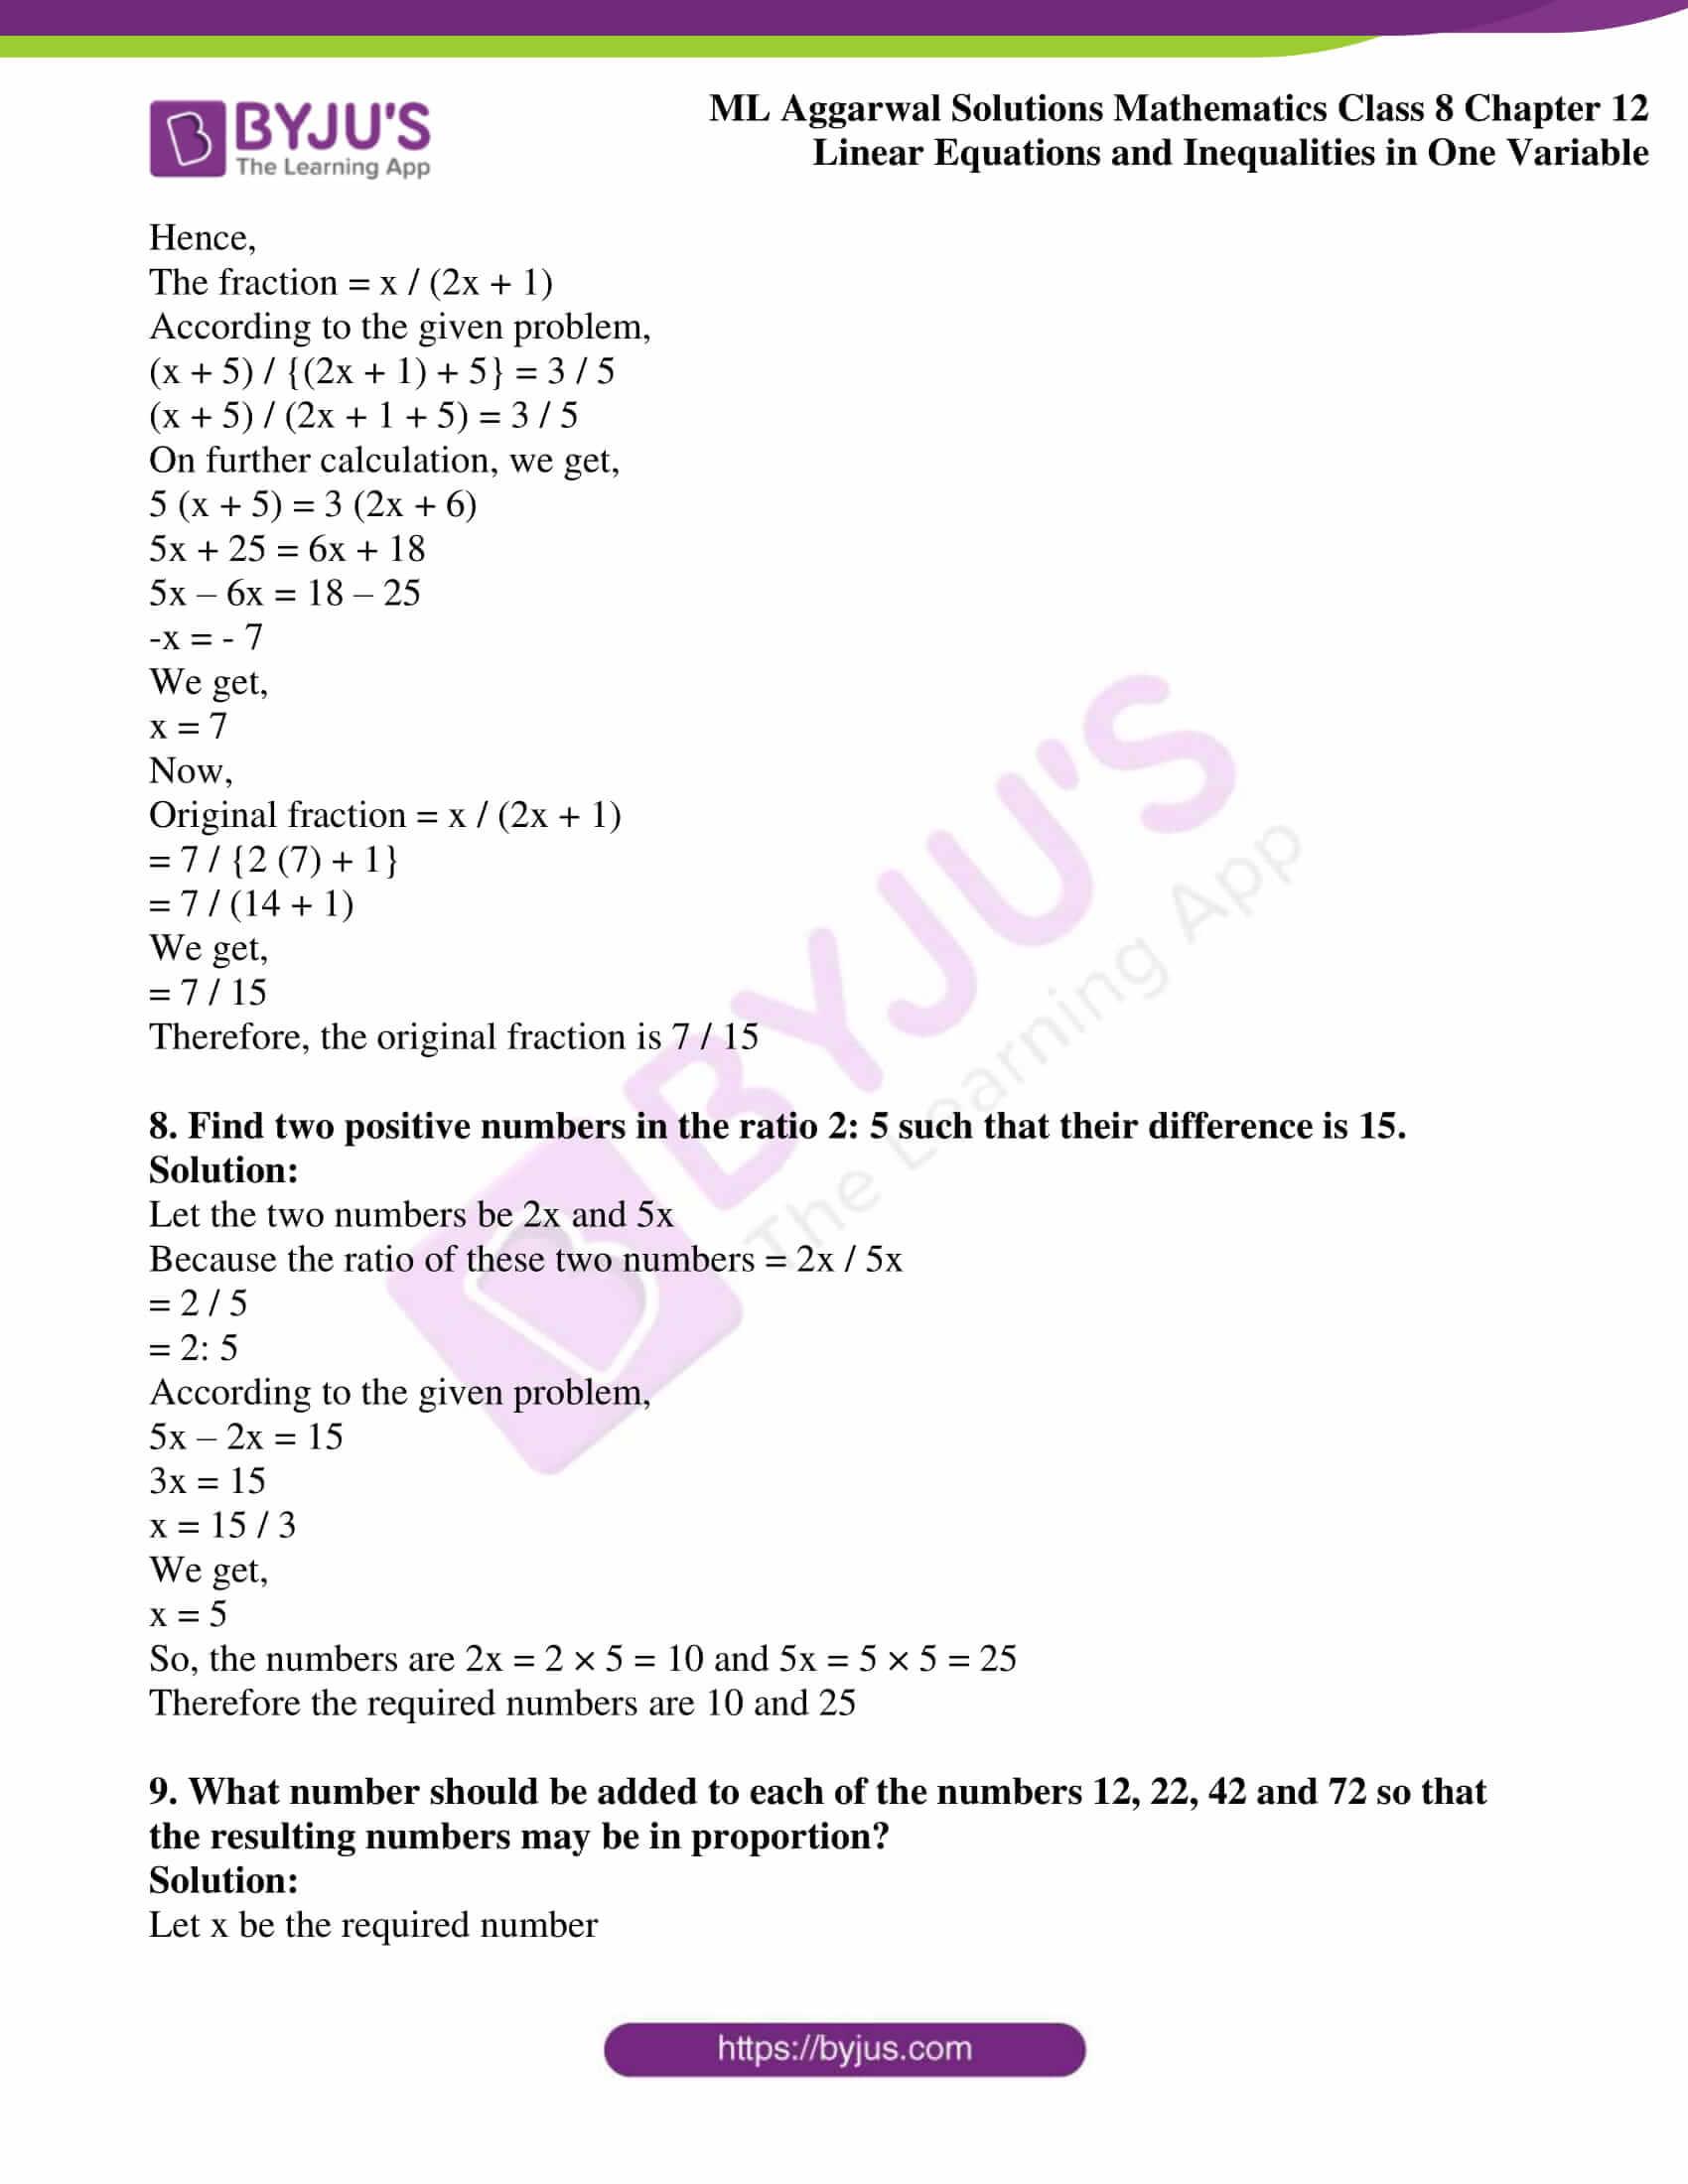 ml aggarwal sol mathematics class 8 ch 12 13